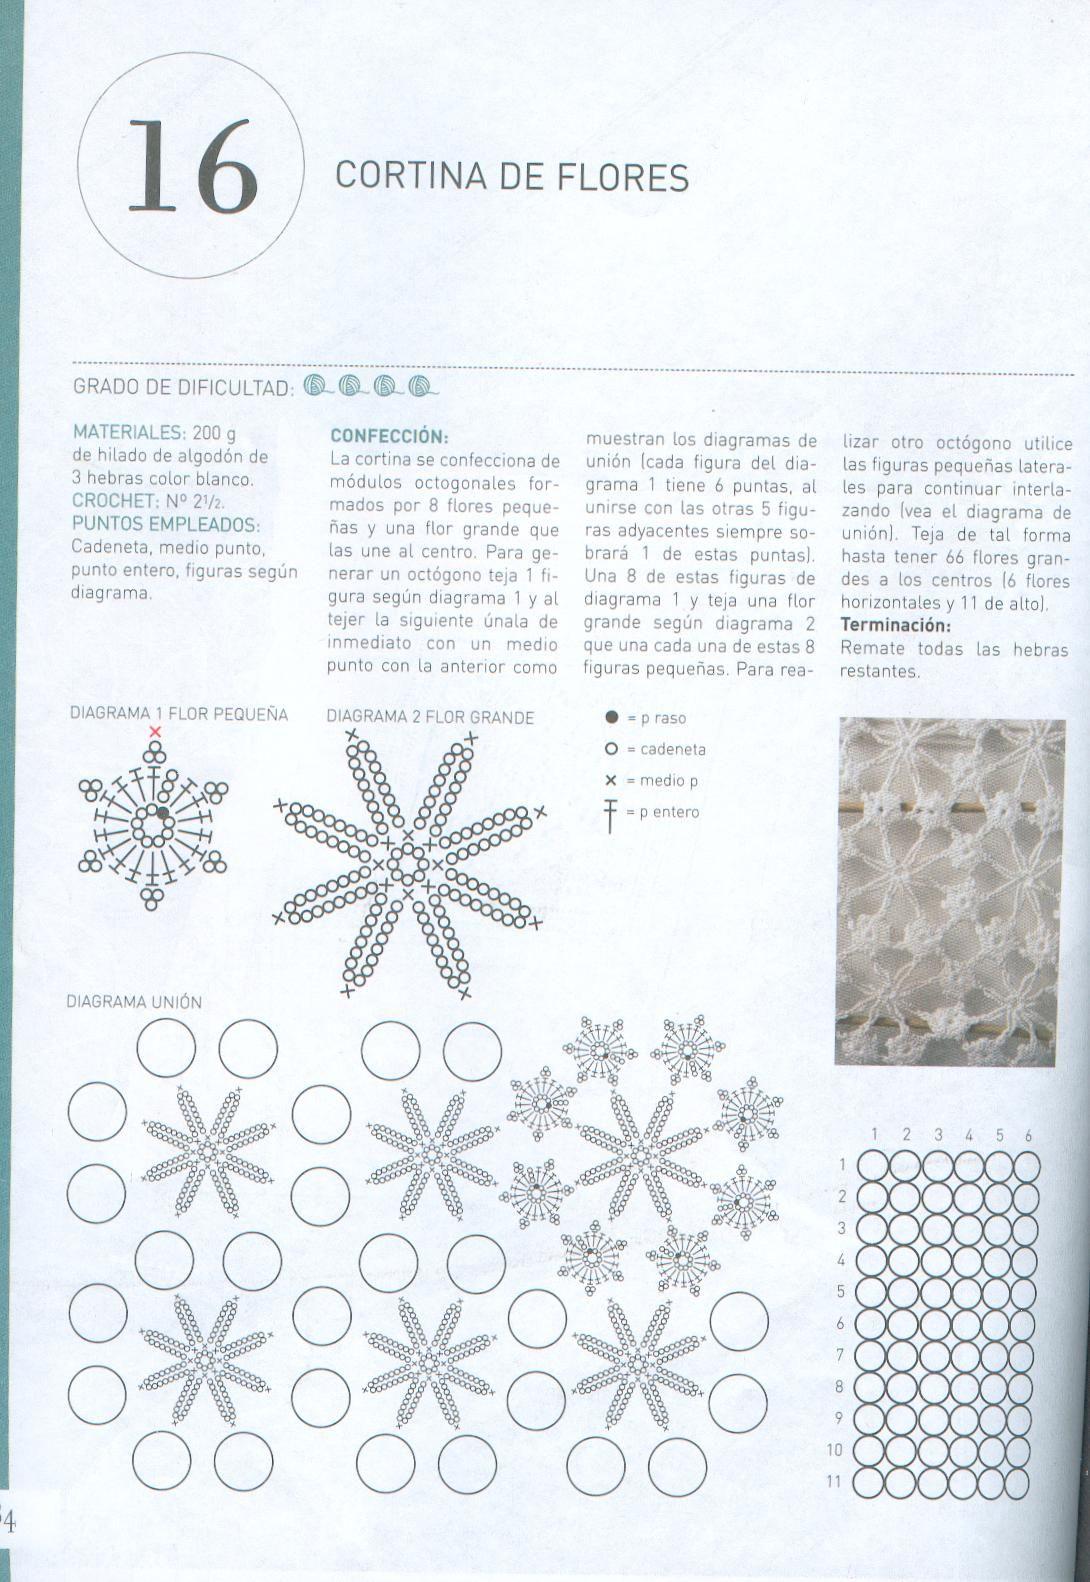 Pin de Ana P. Aranda en Crochet | Pinterest | Croché, Cortinas y ...